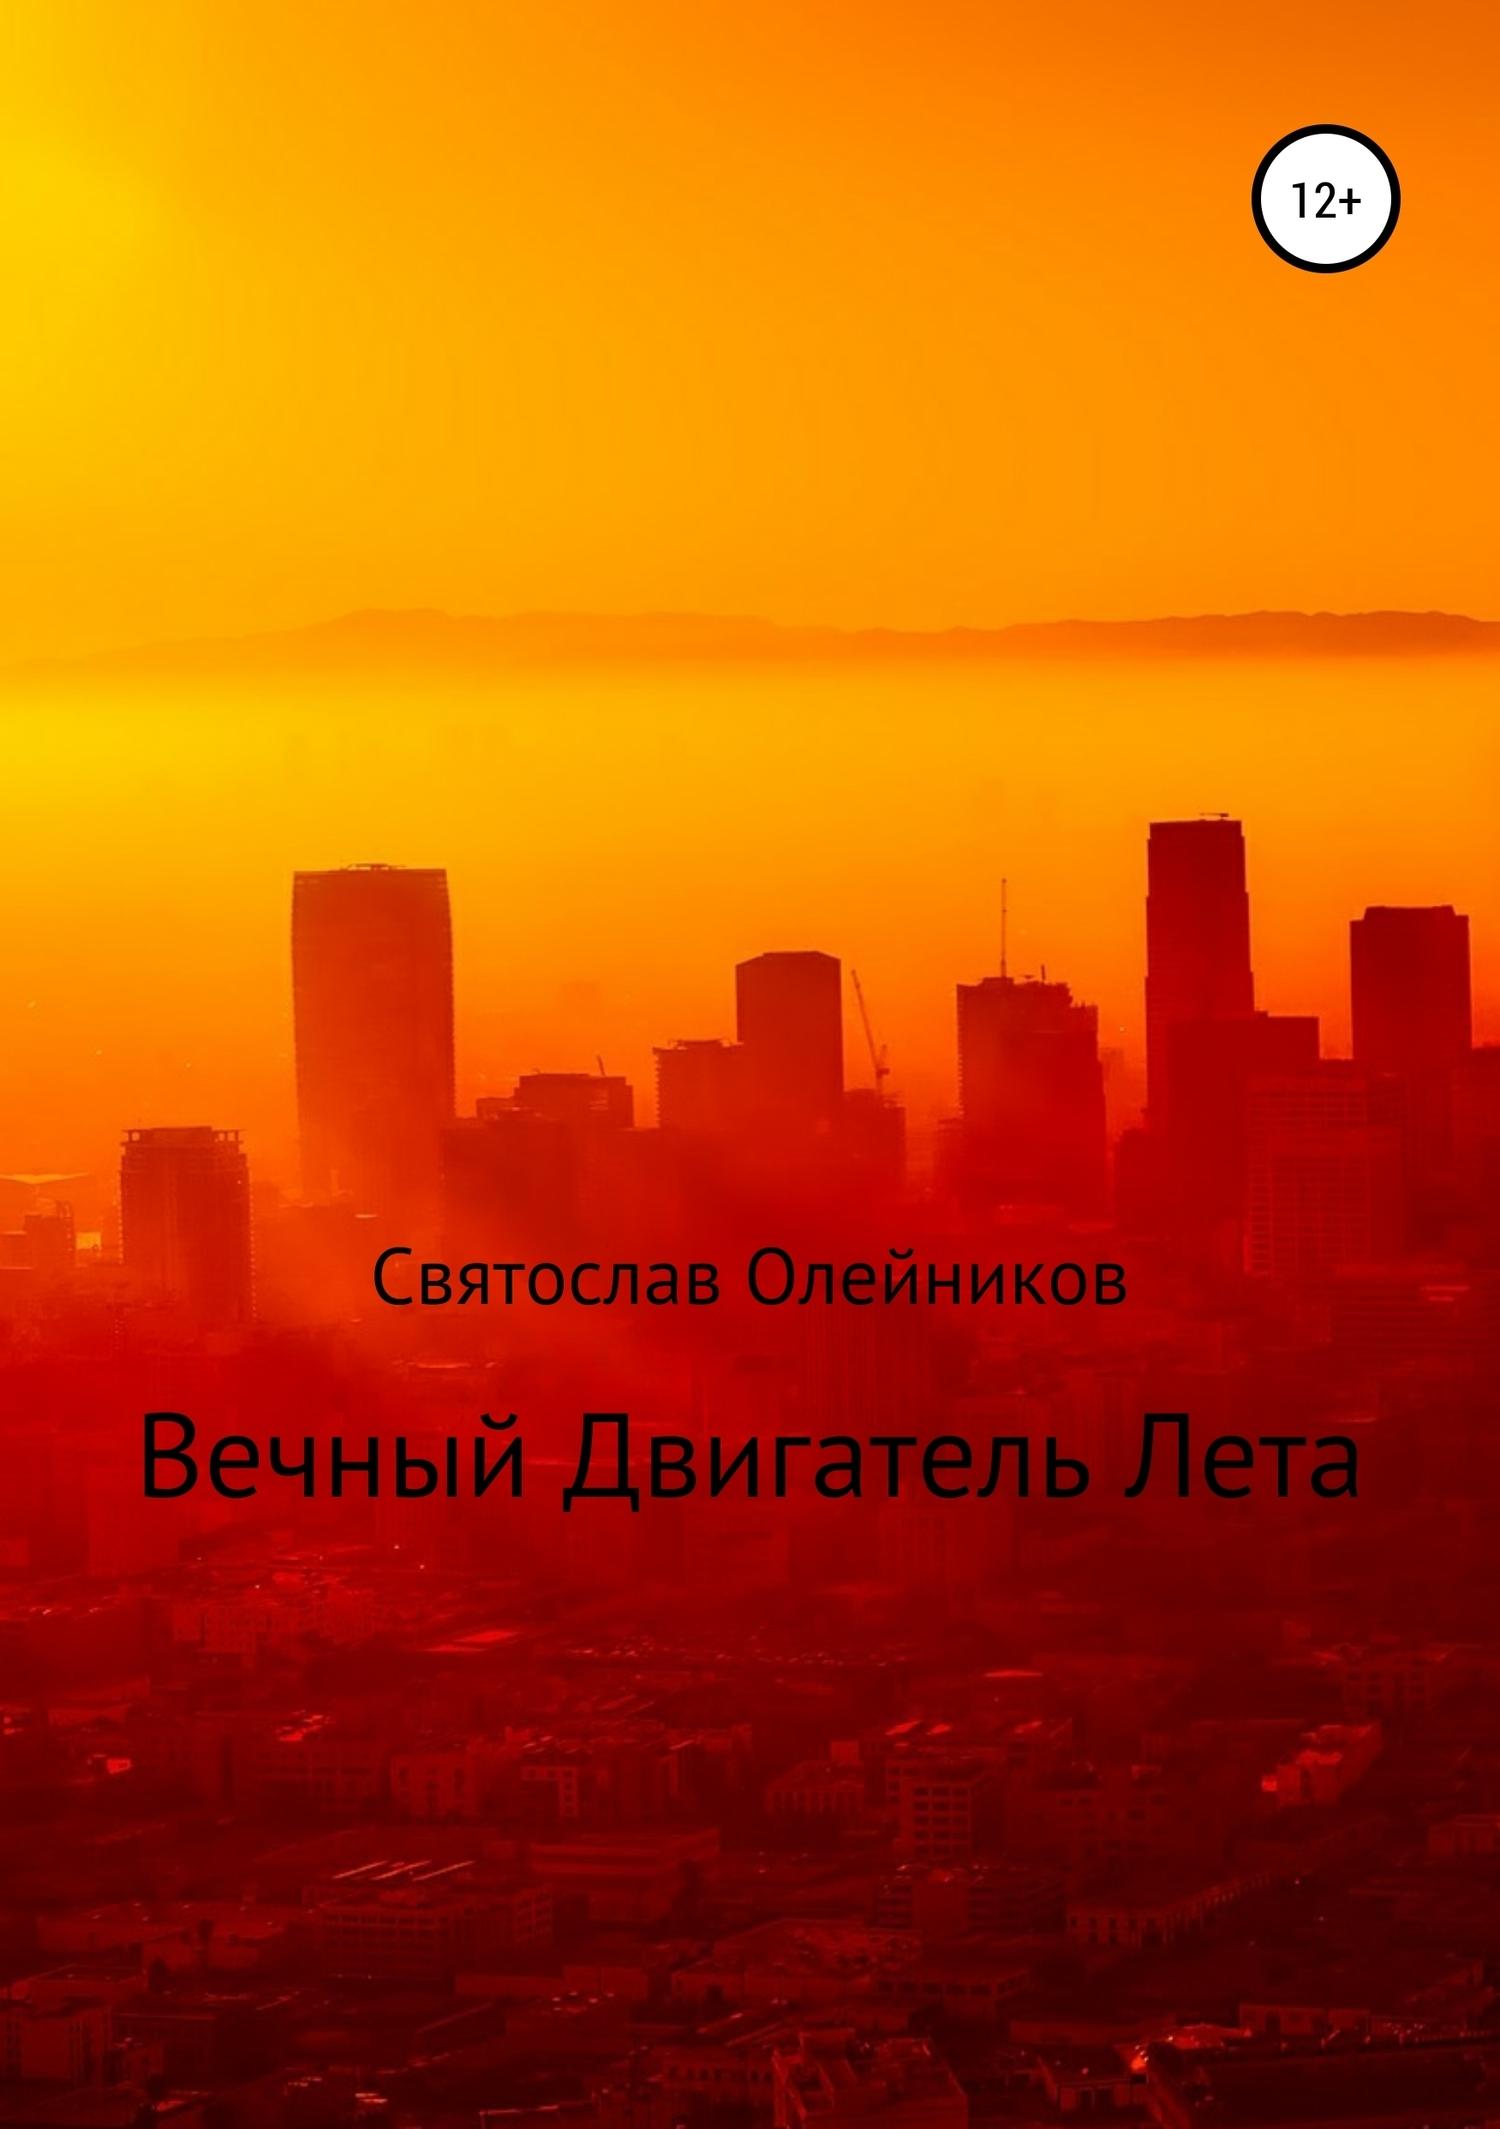 Святослав Олейников - Вечный двигатель лета